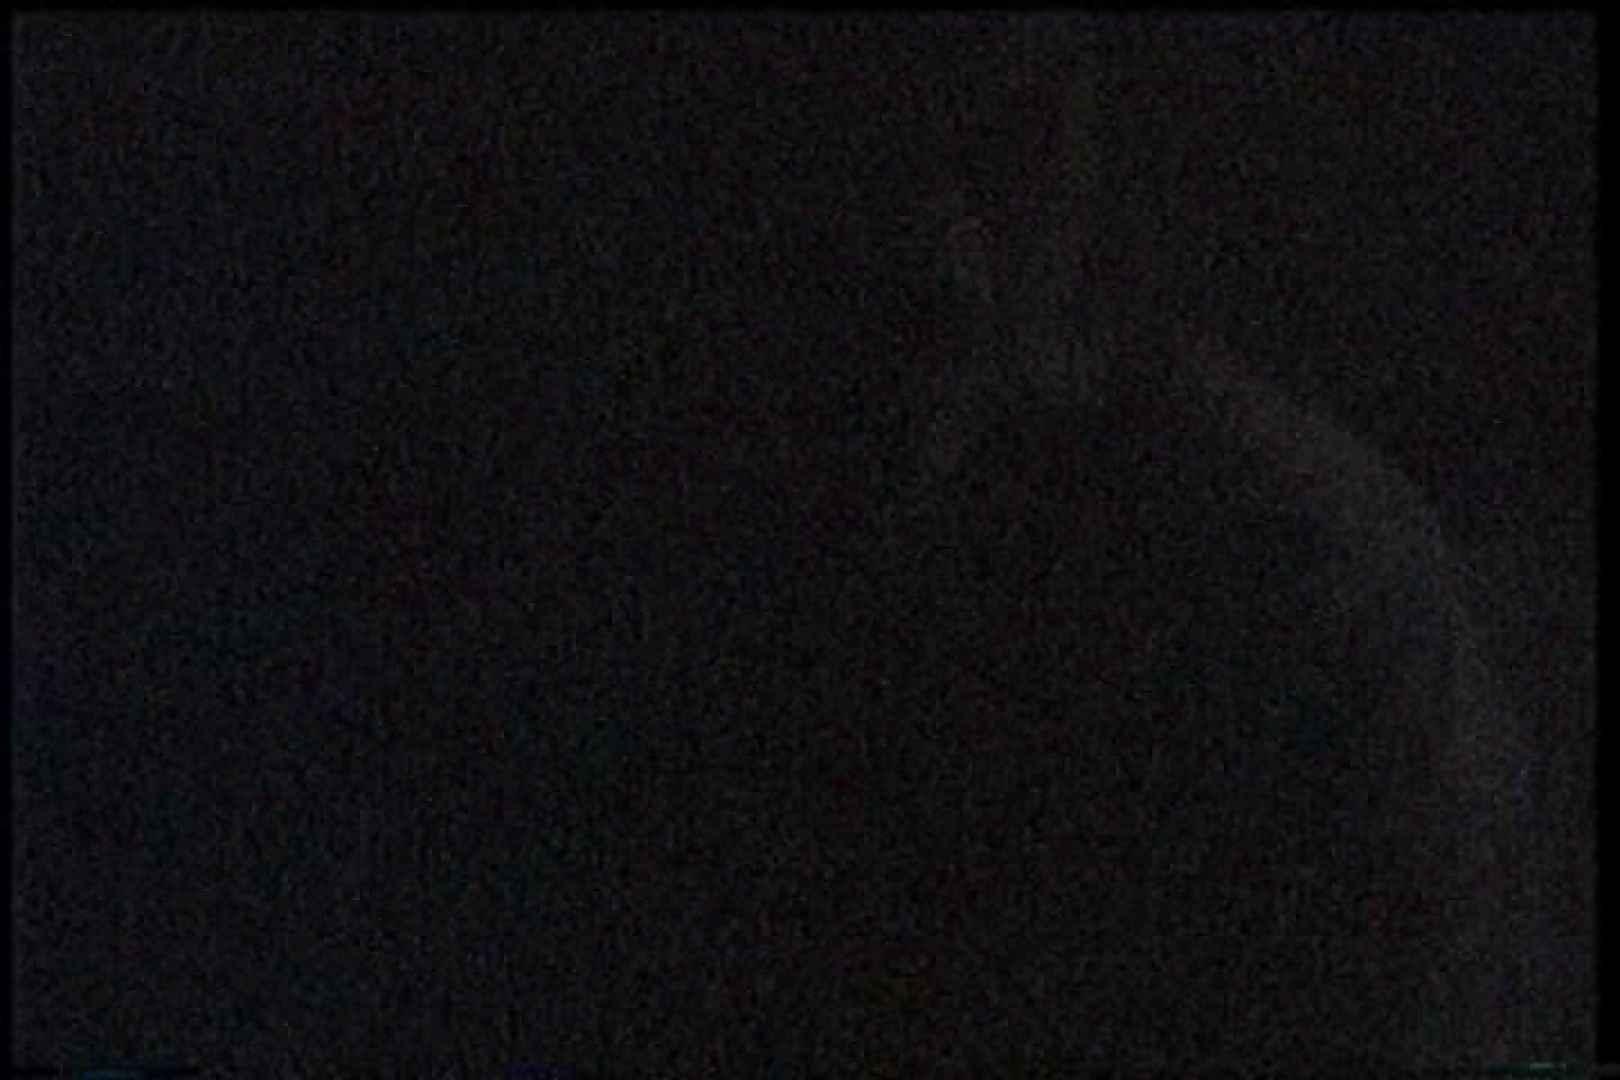 充血監督の深夜の運動会Vol.179 OLセックス | 手マン  96画像 23